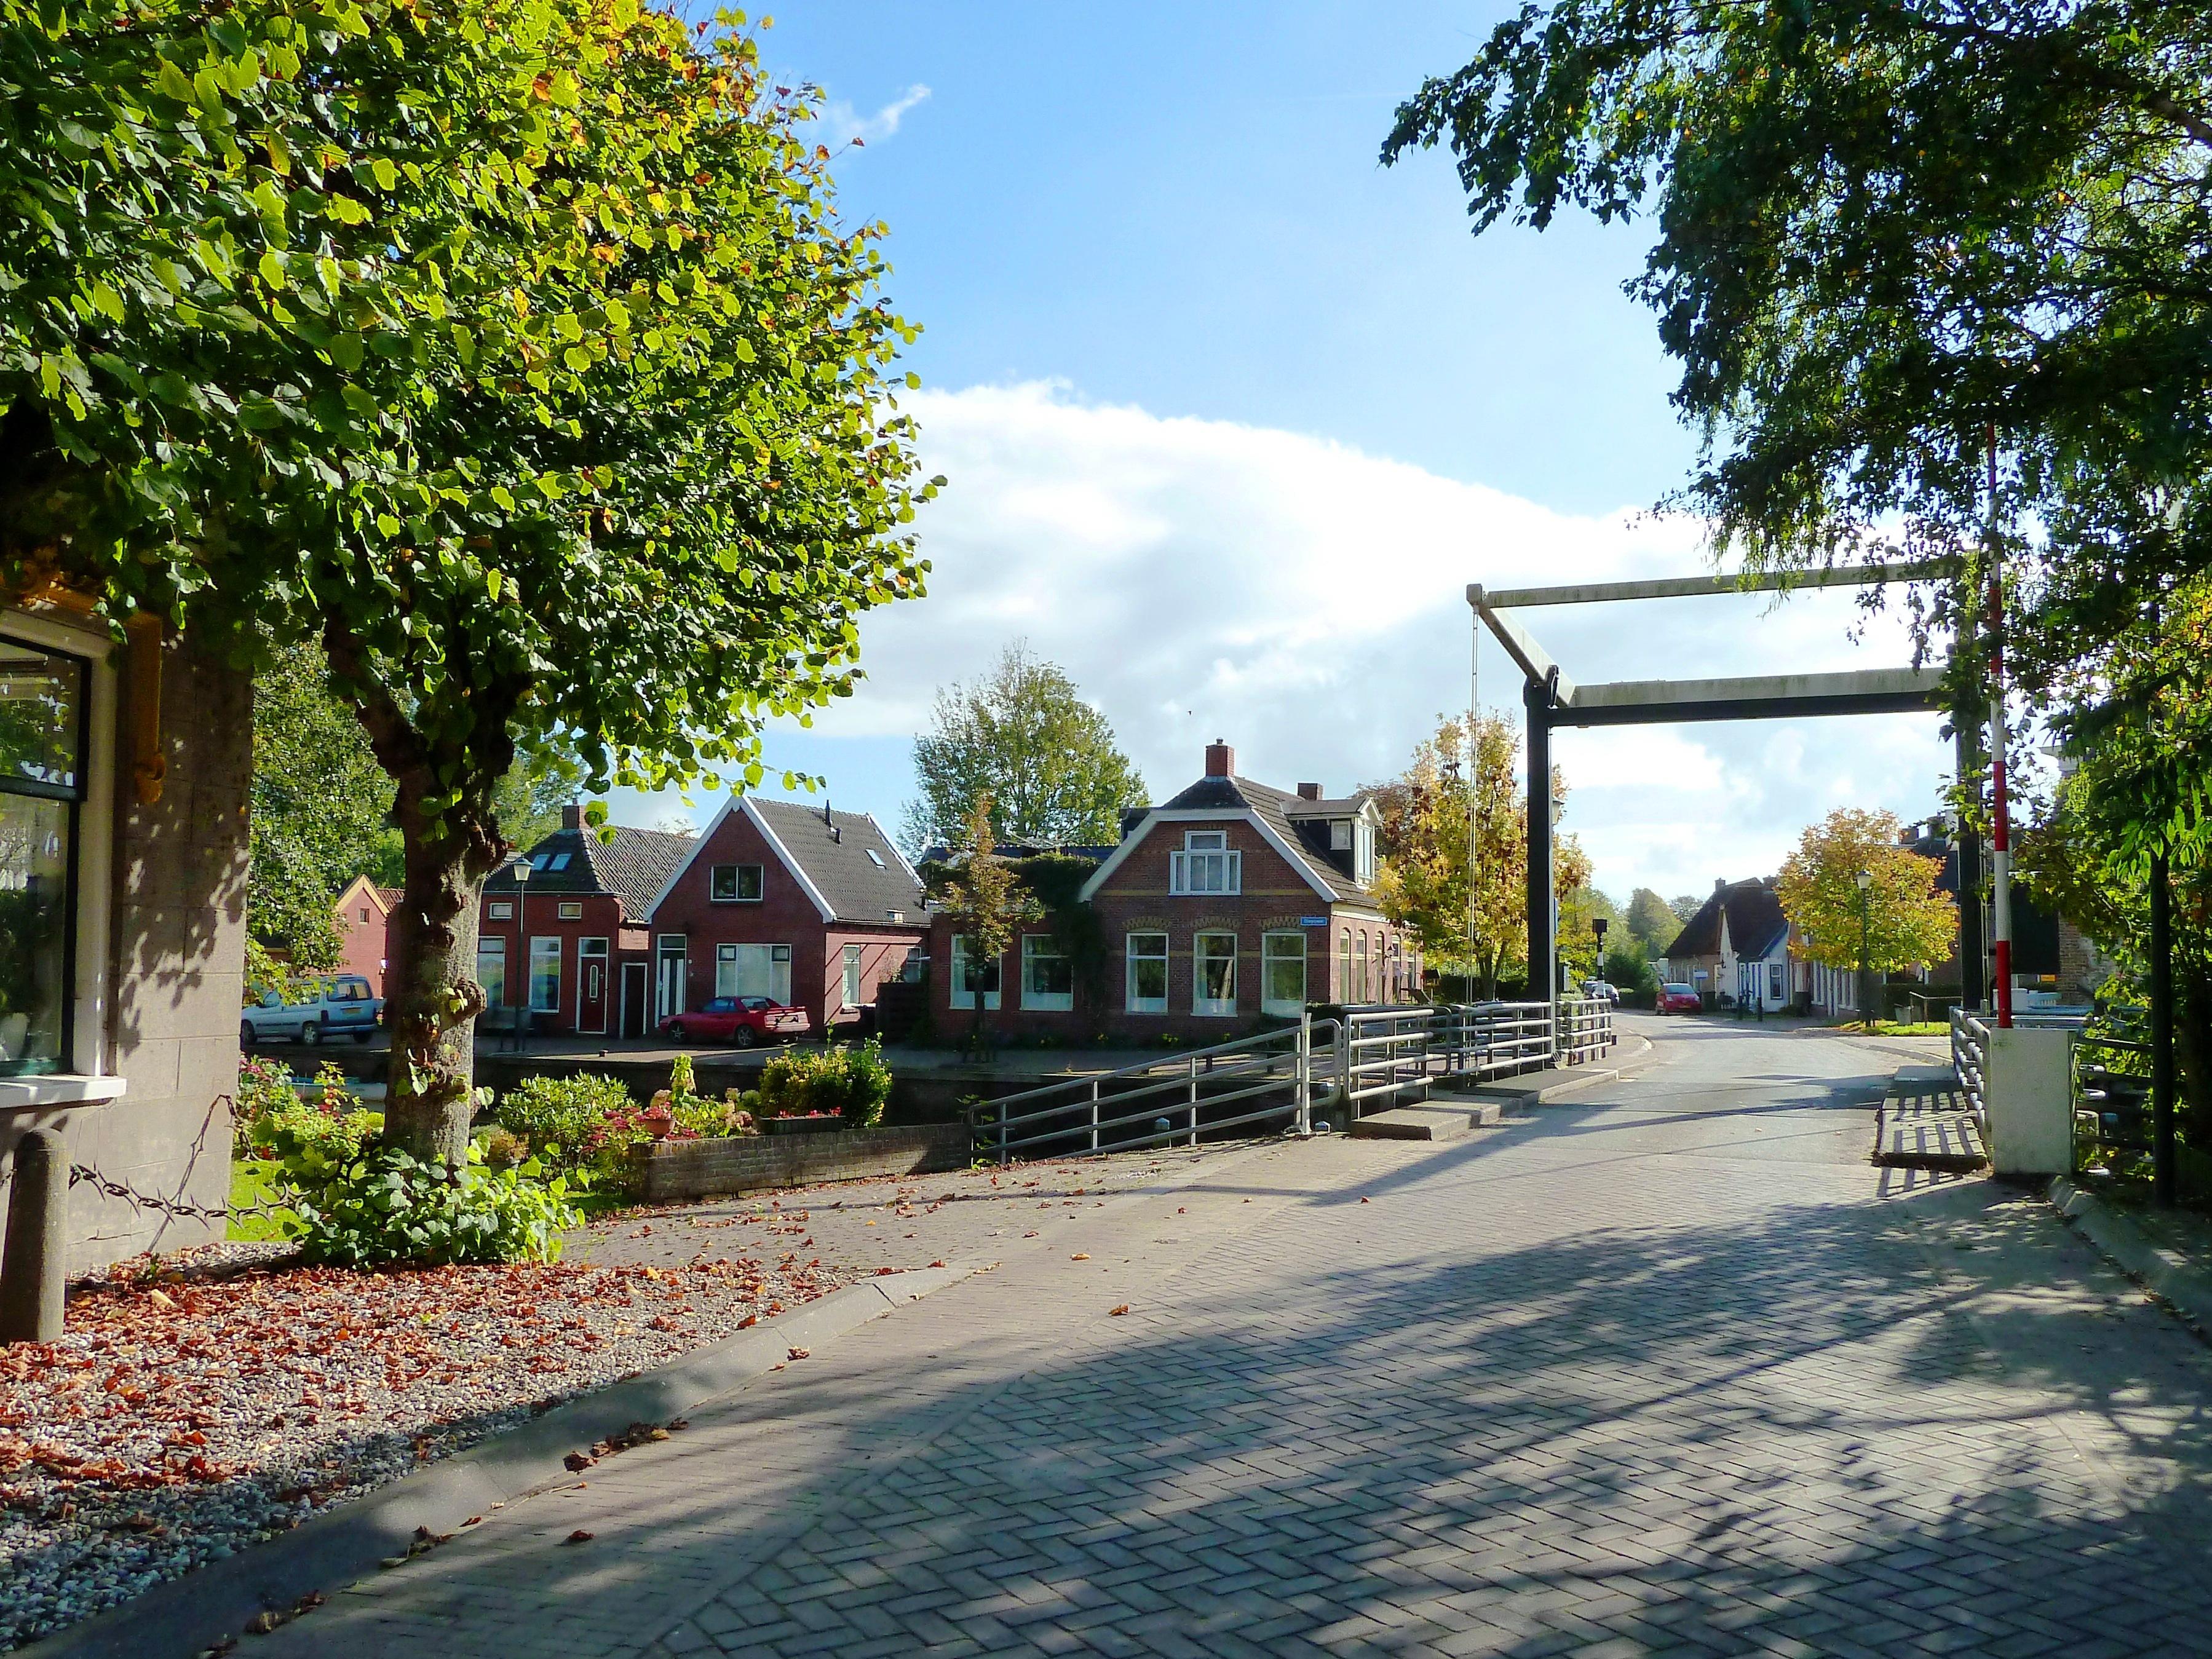 Pieterzijl_-_Brugstraat_met_brug_en_Diepswa